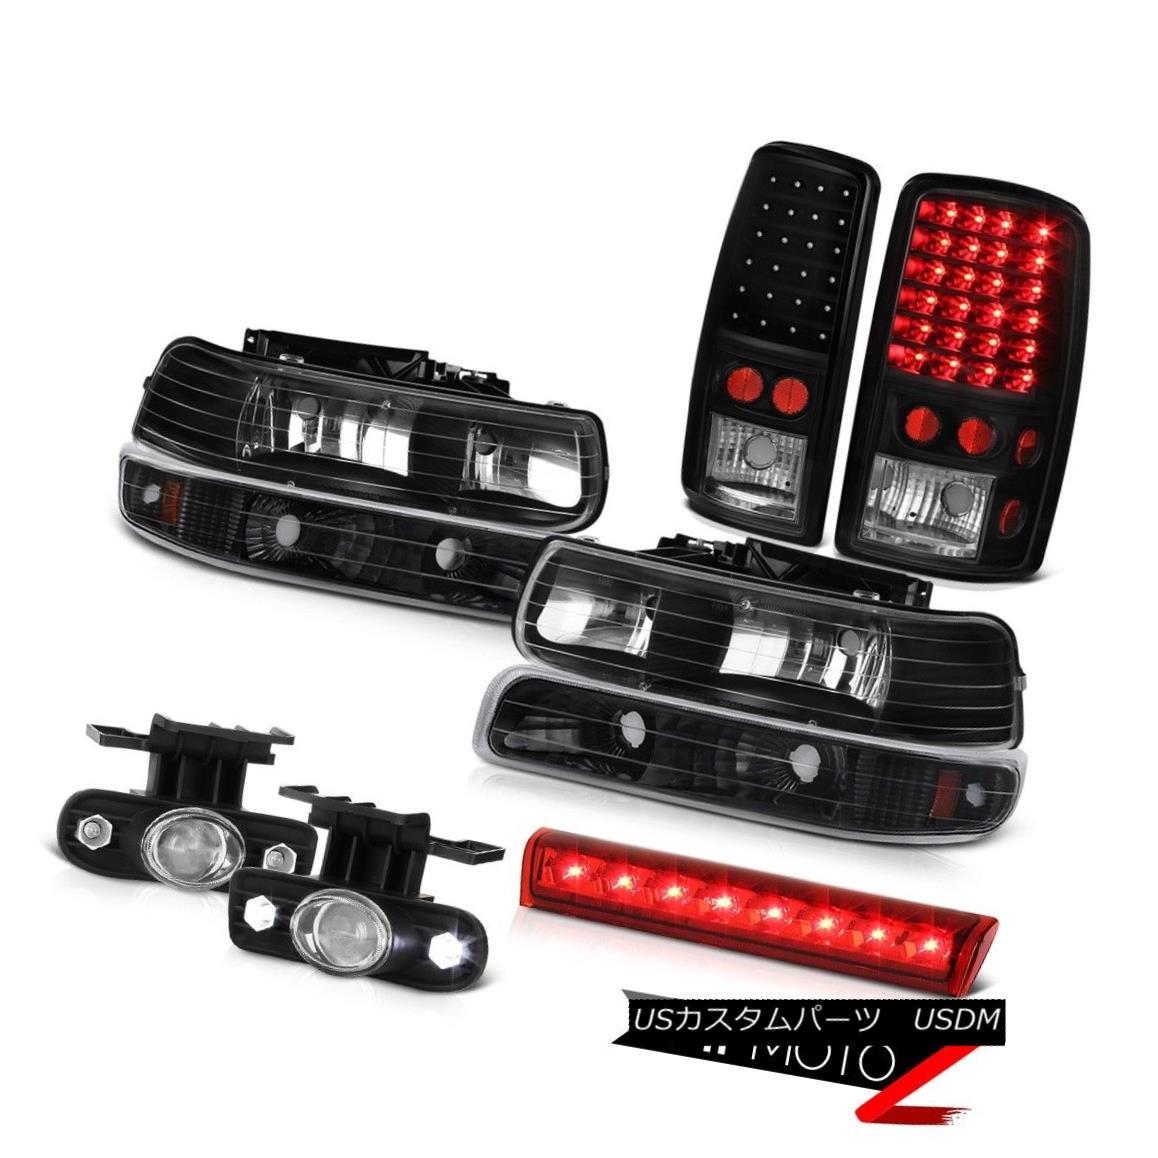 テールライト 2000-2006 Tahoe 4X4 Roof cab light foglights infinity black taillights headlamps 2000-2006タホ4X4ルーフキャブライトフォグライトインフィニティブラックテールライトヘッドランプ